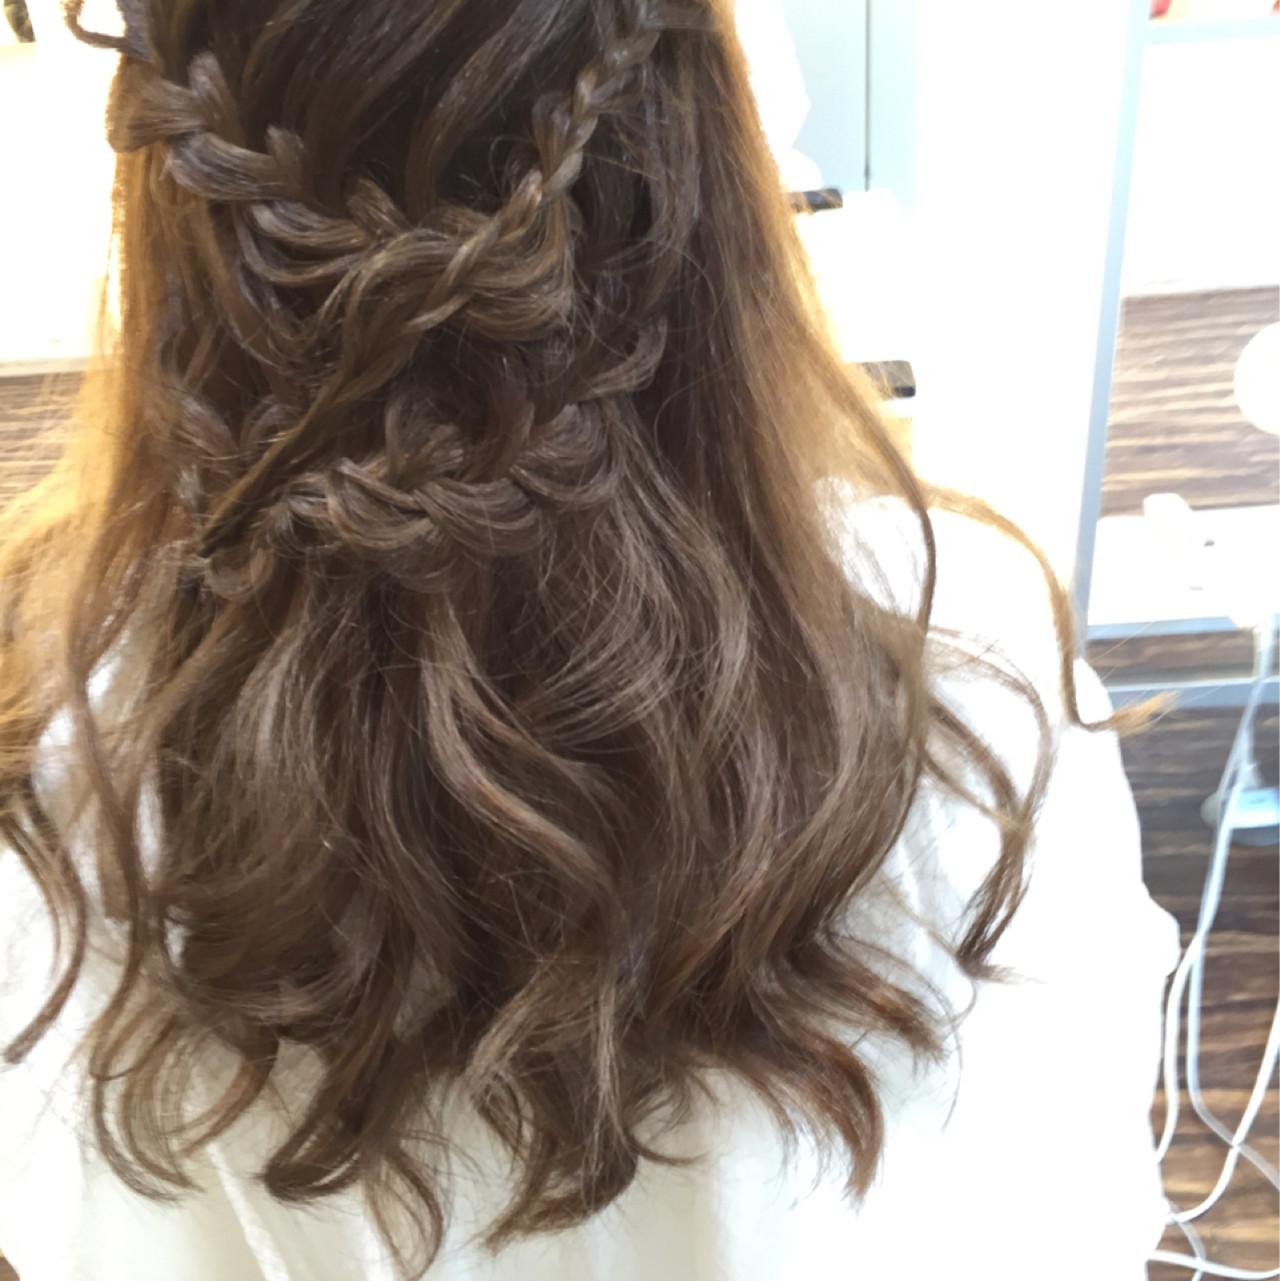 編み込み ミディアム ハーフアップ ルーズヘアスタイルや髪型の写真・画像